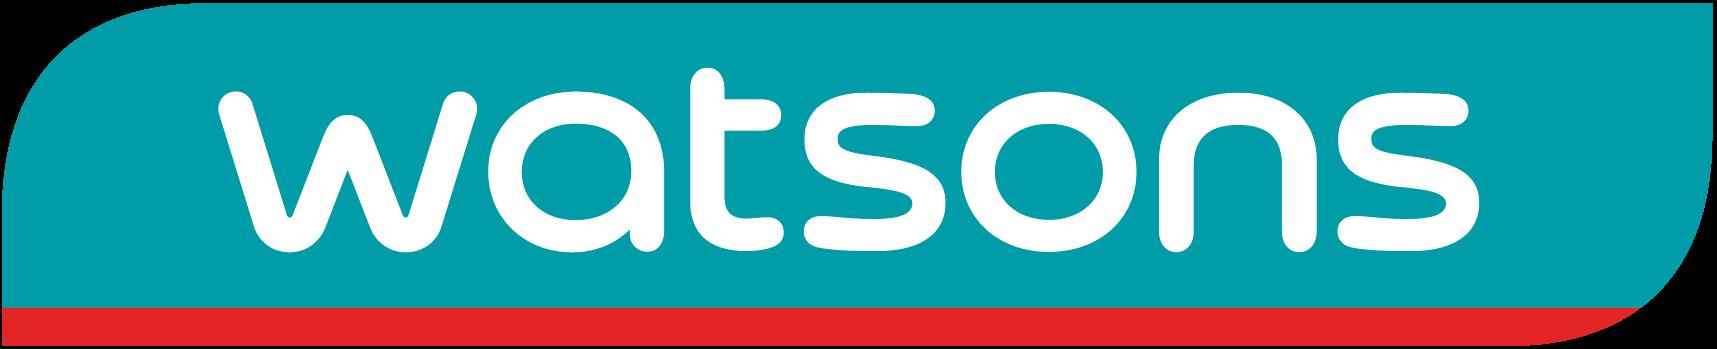 logo-watsons-01